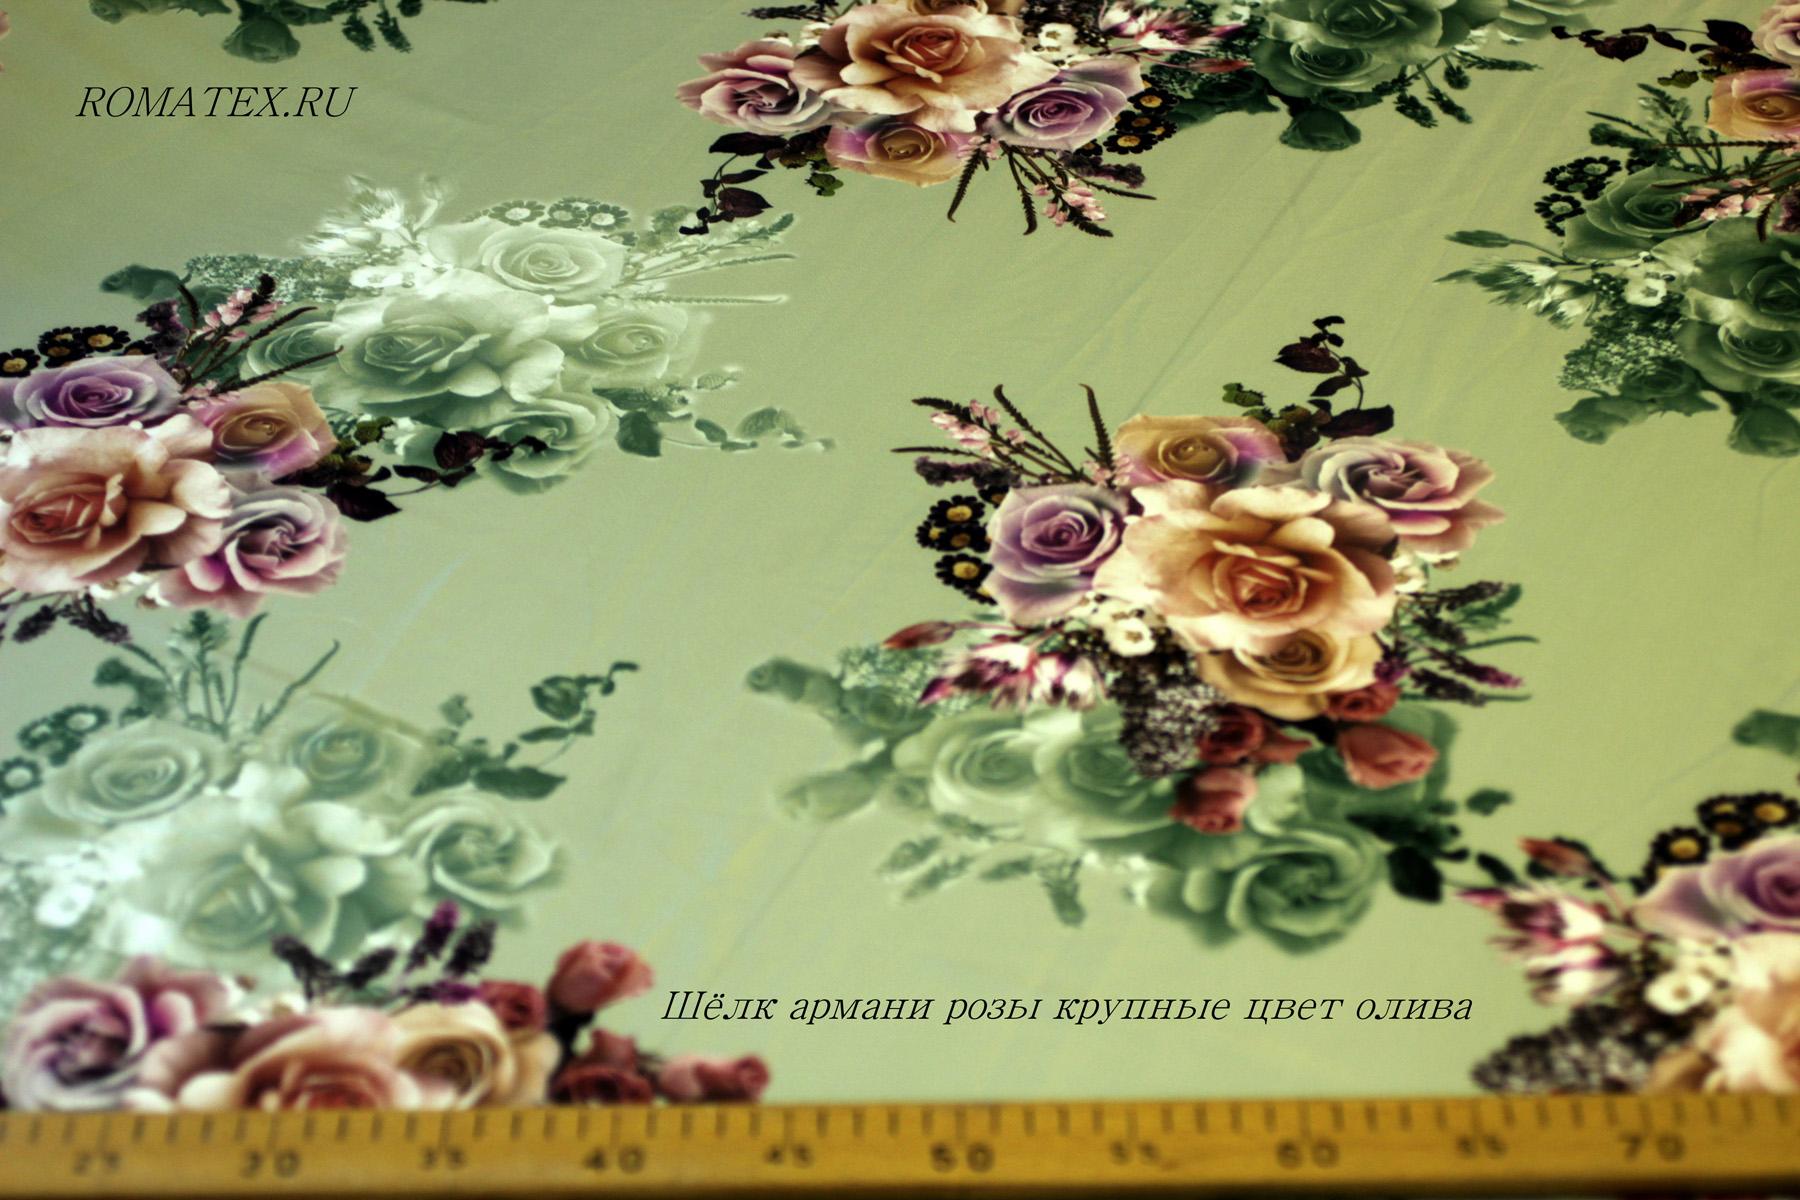 Армани шелк розы крупные цвет олива